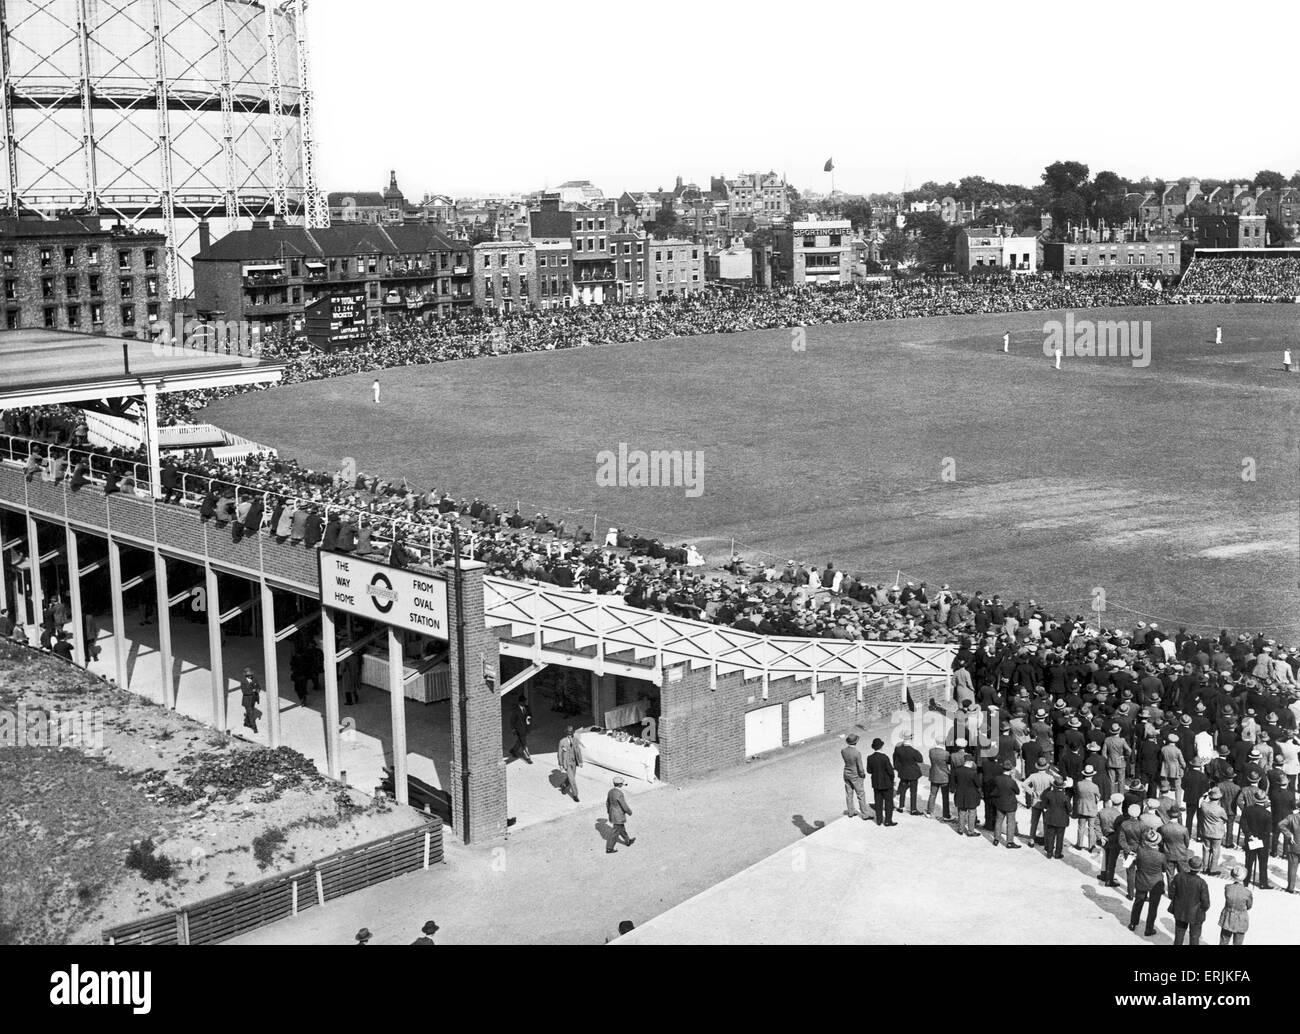 Gesamtansicht der Oval Cricket ground. August 1947. Stockbild